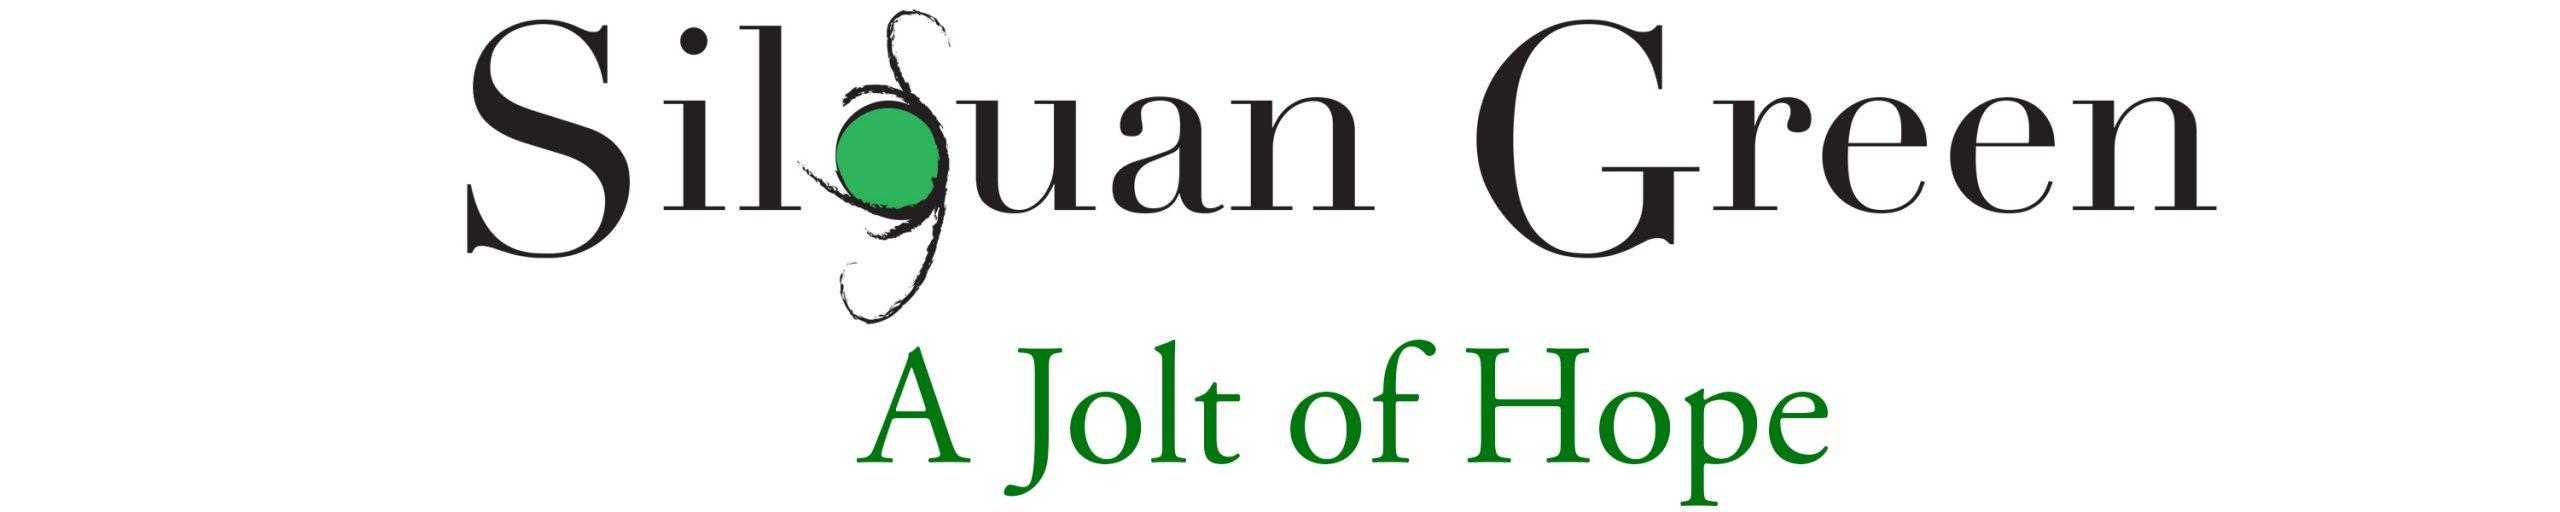 Silouan Green